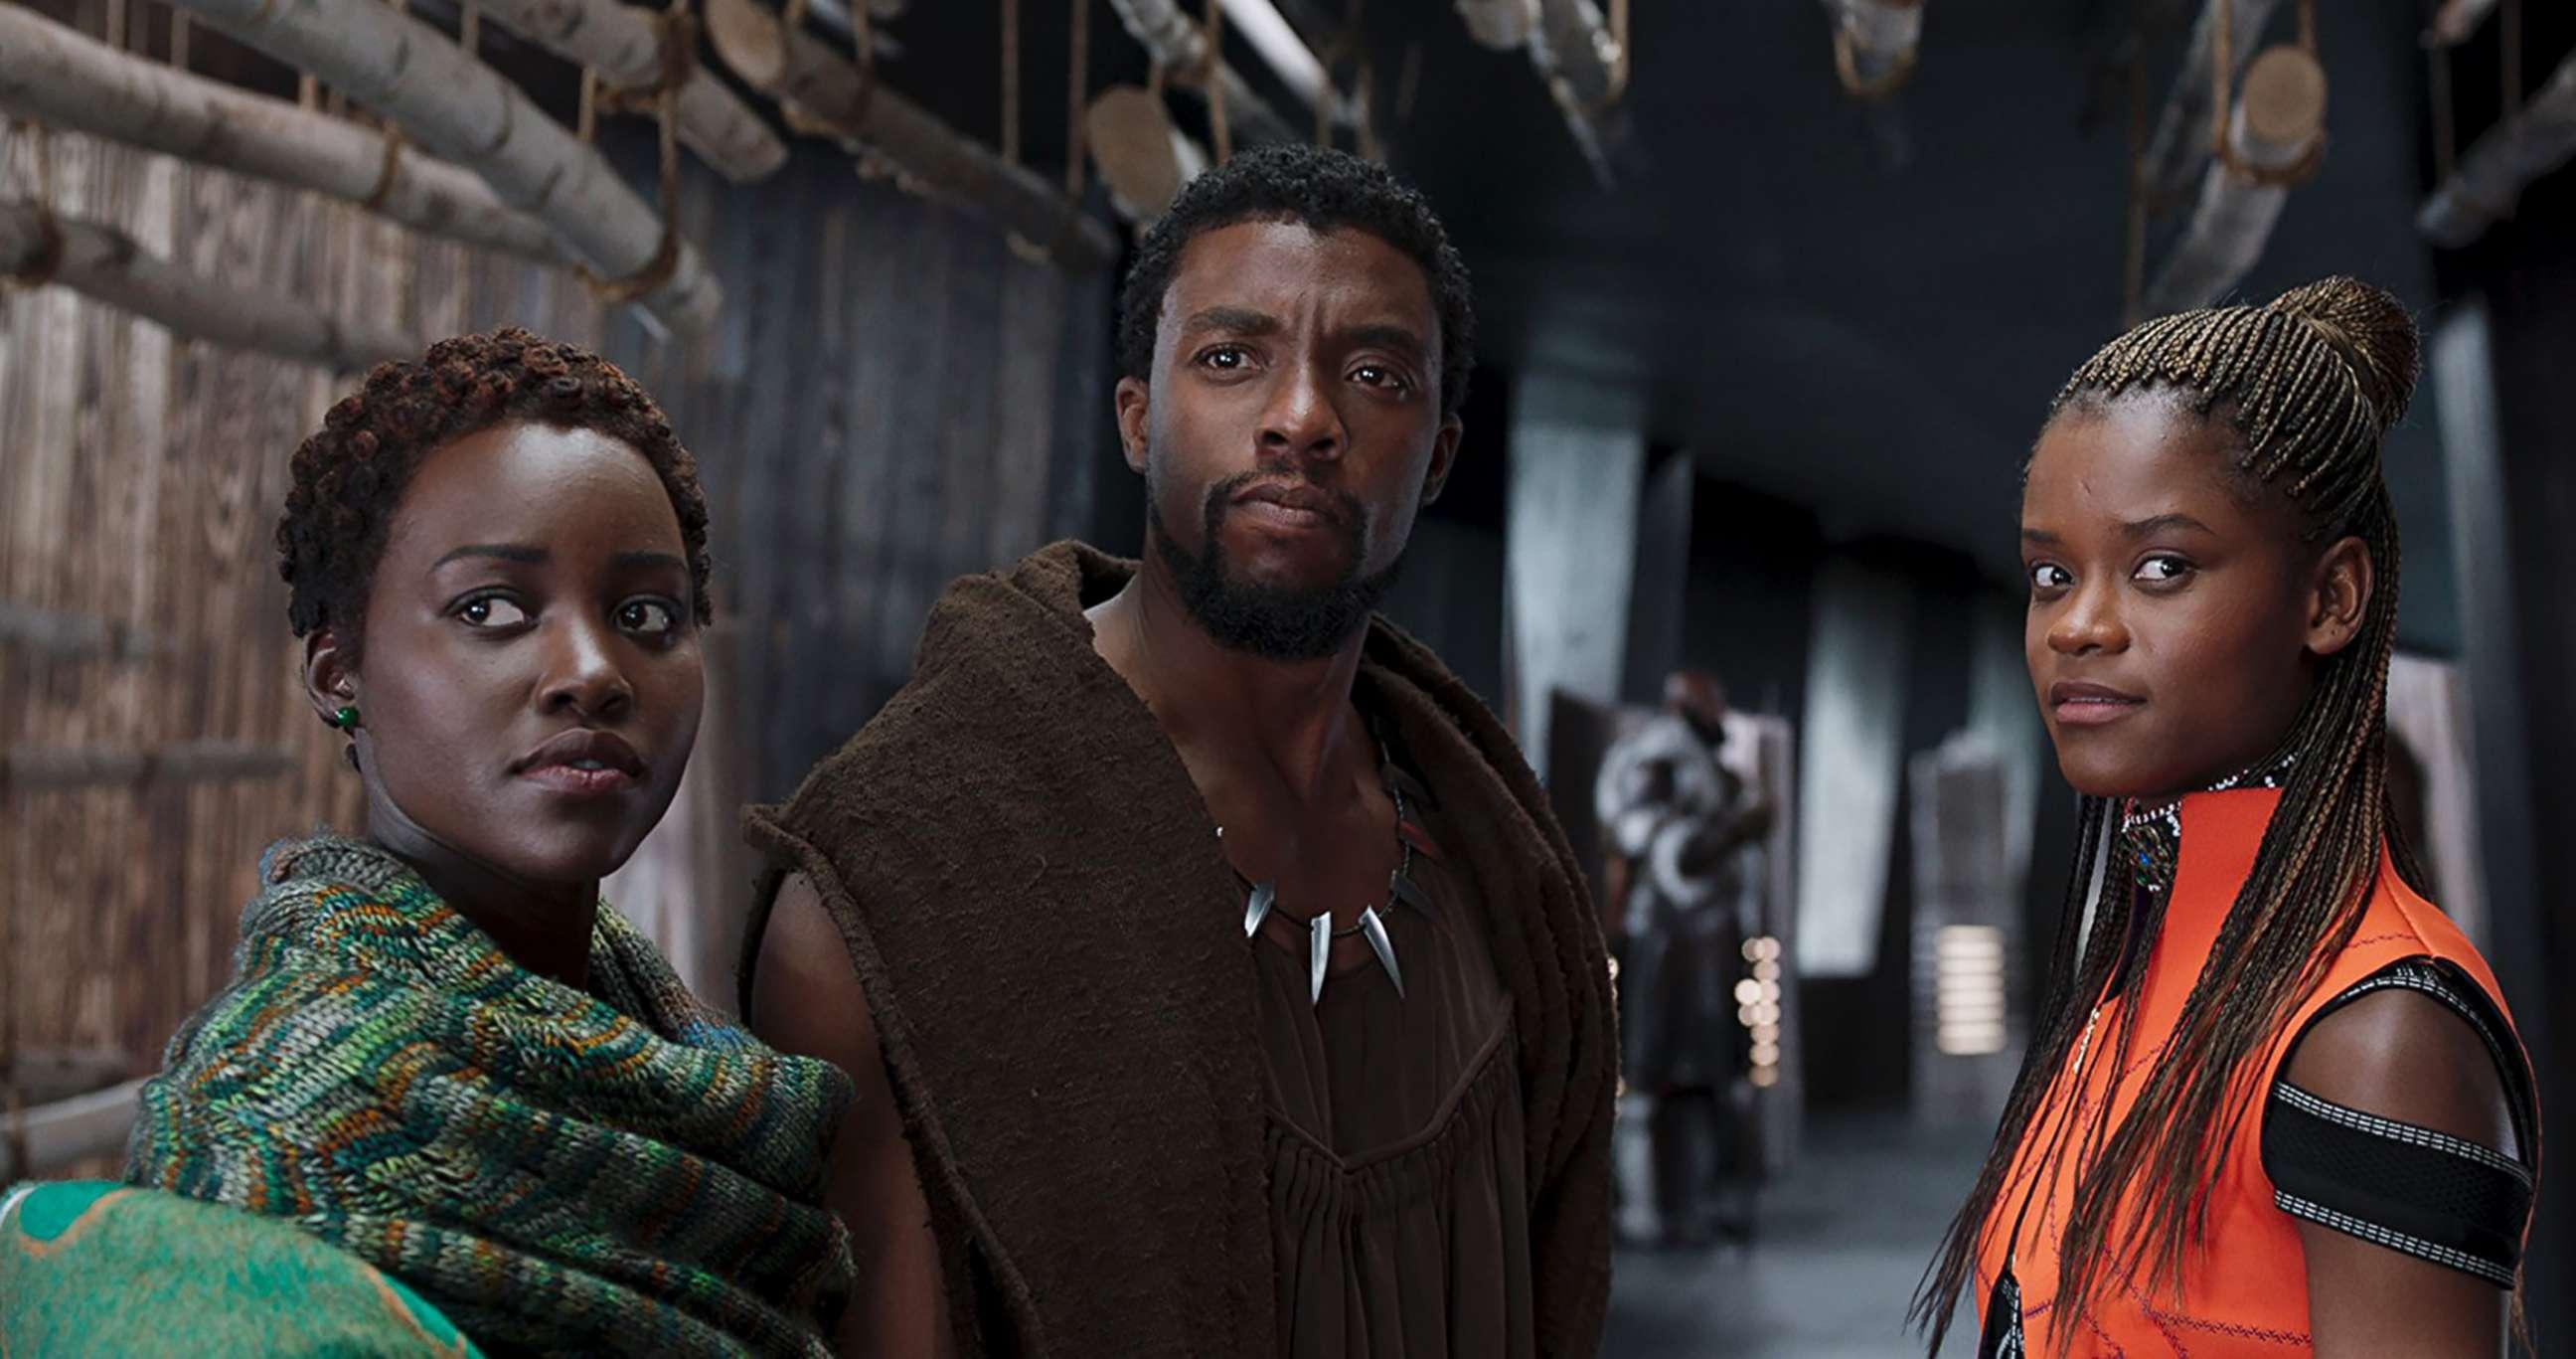 'Black Panther', premier film au cinéma en Arabie Saoudite après 35 ans